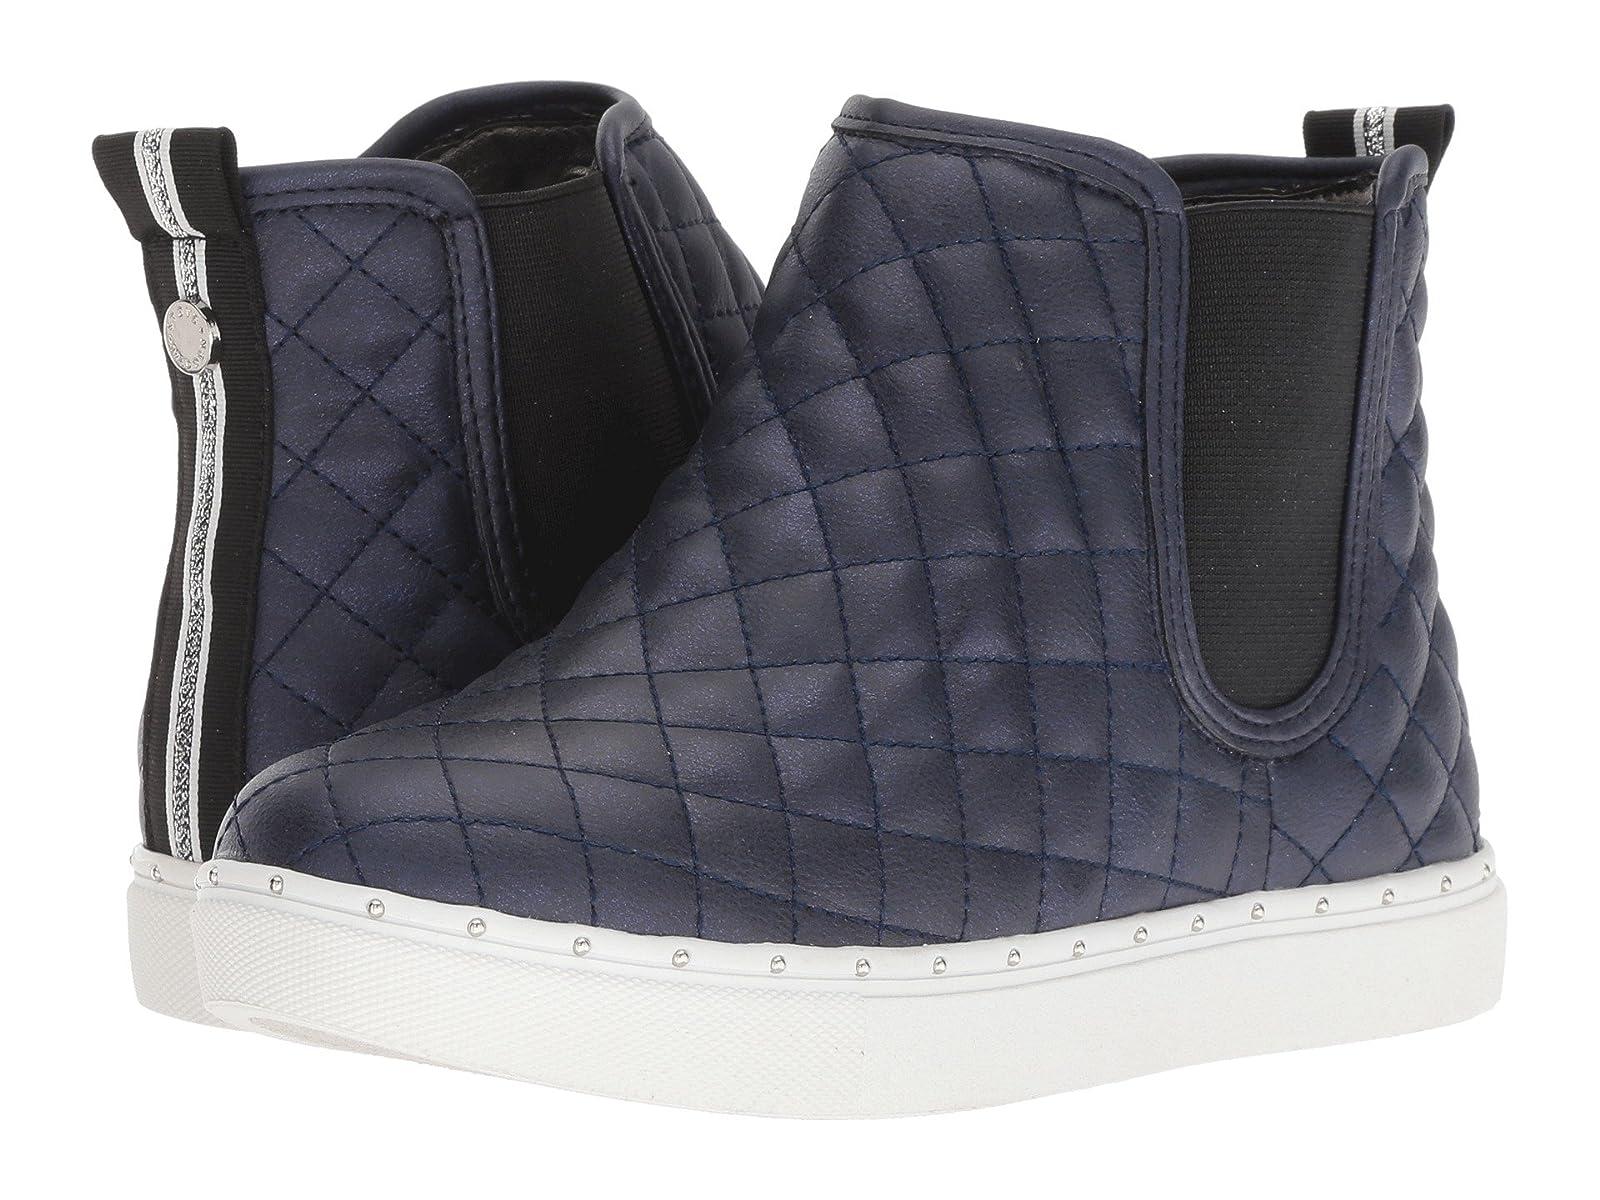 Steve Madden Kids Jquest (Little Kid/Big Kid)Atmospheric grades have affordable shoes